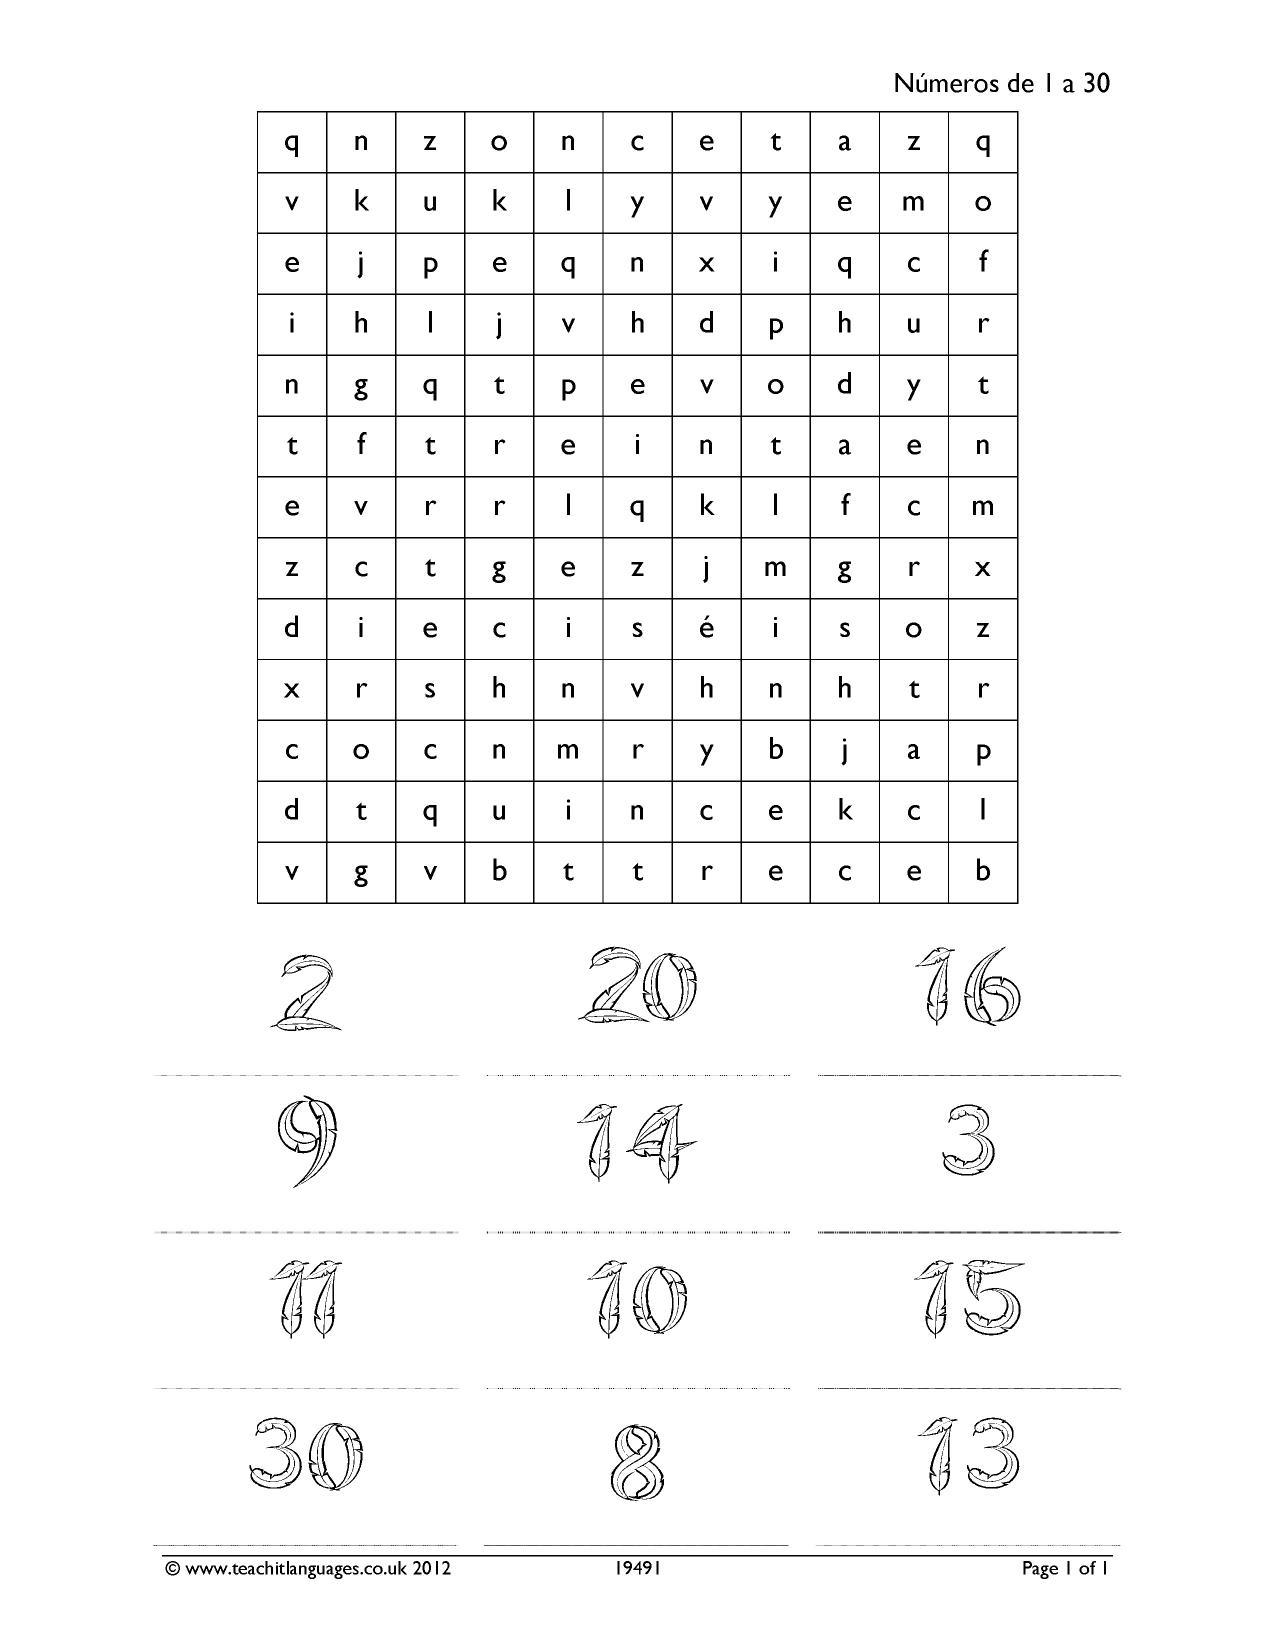 Sudoku In Spanish Worksheet | Printable Worksheets And pour Sudoku Cm2 À Imprimer